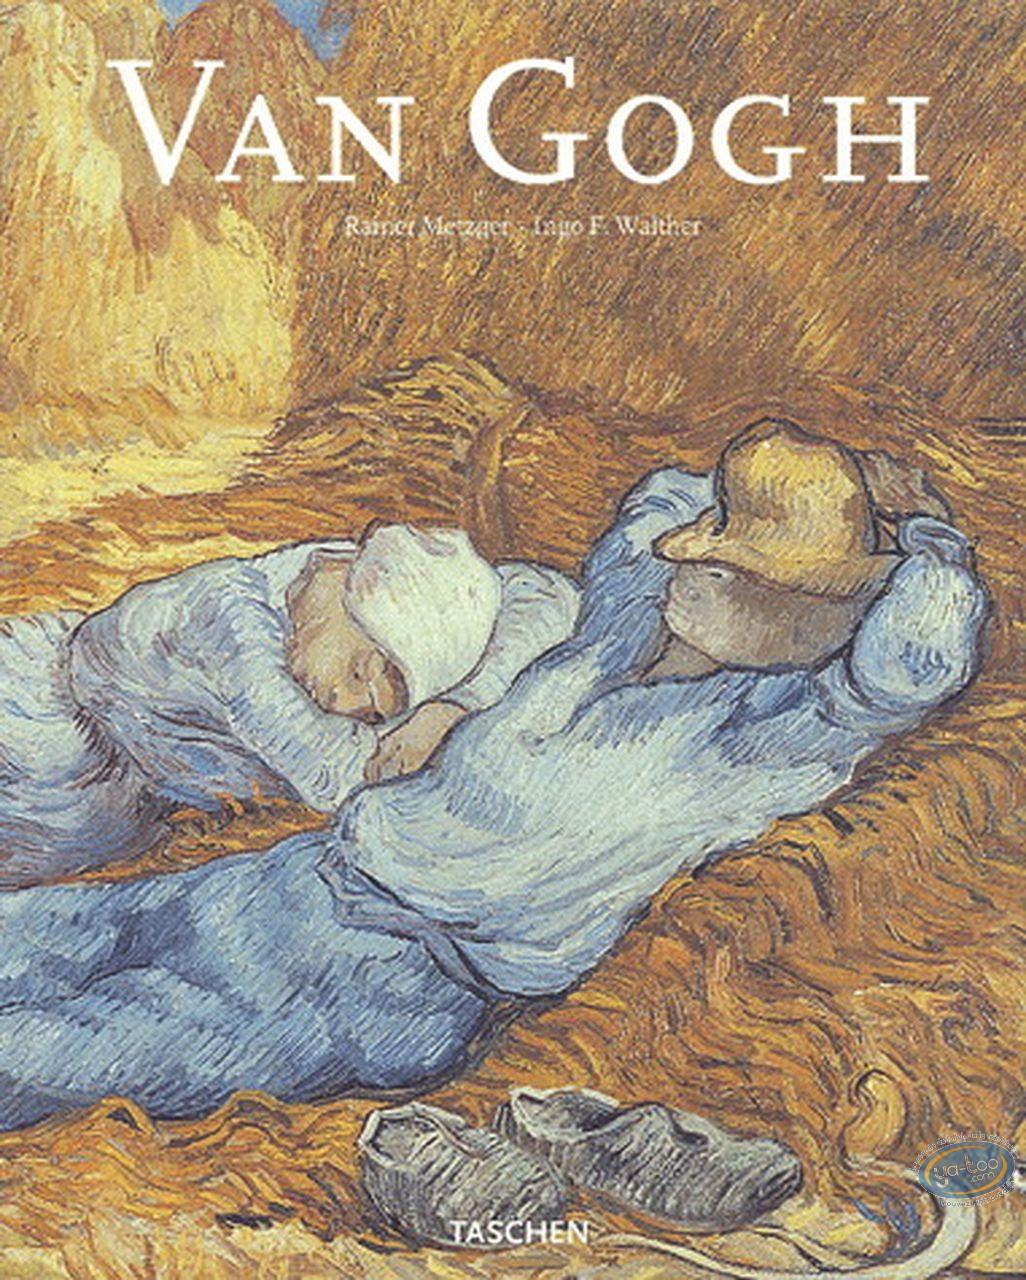 Book, Vincent van Gogh (1853-1890)